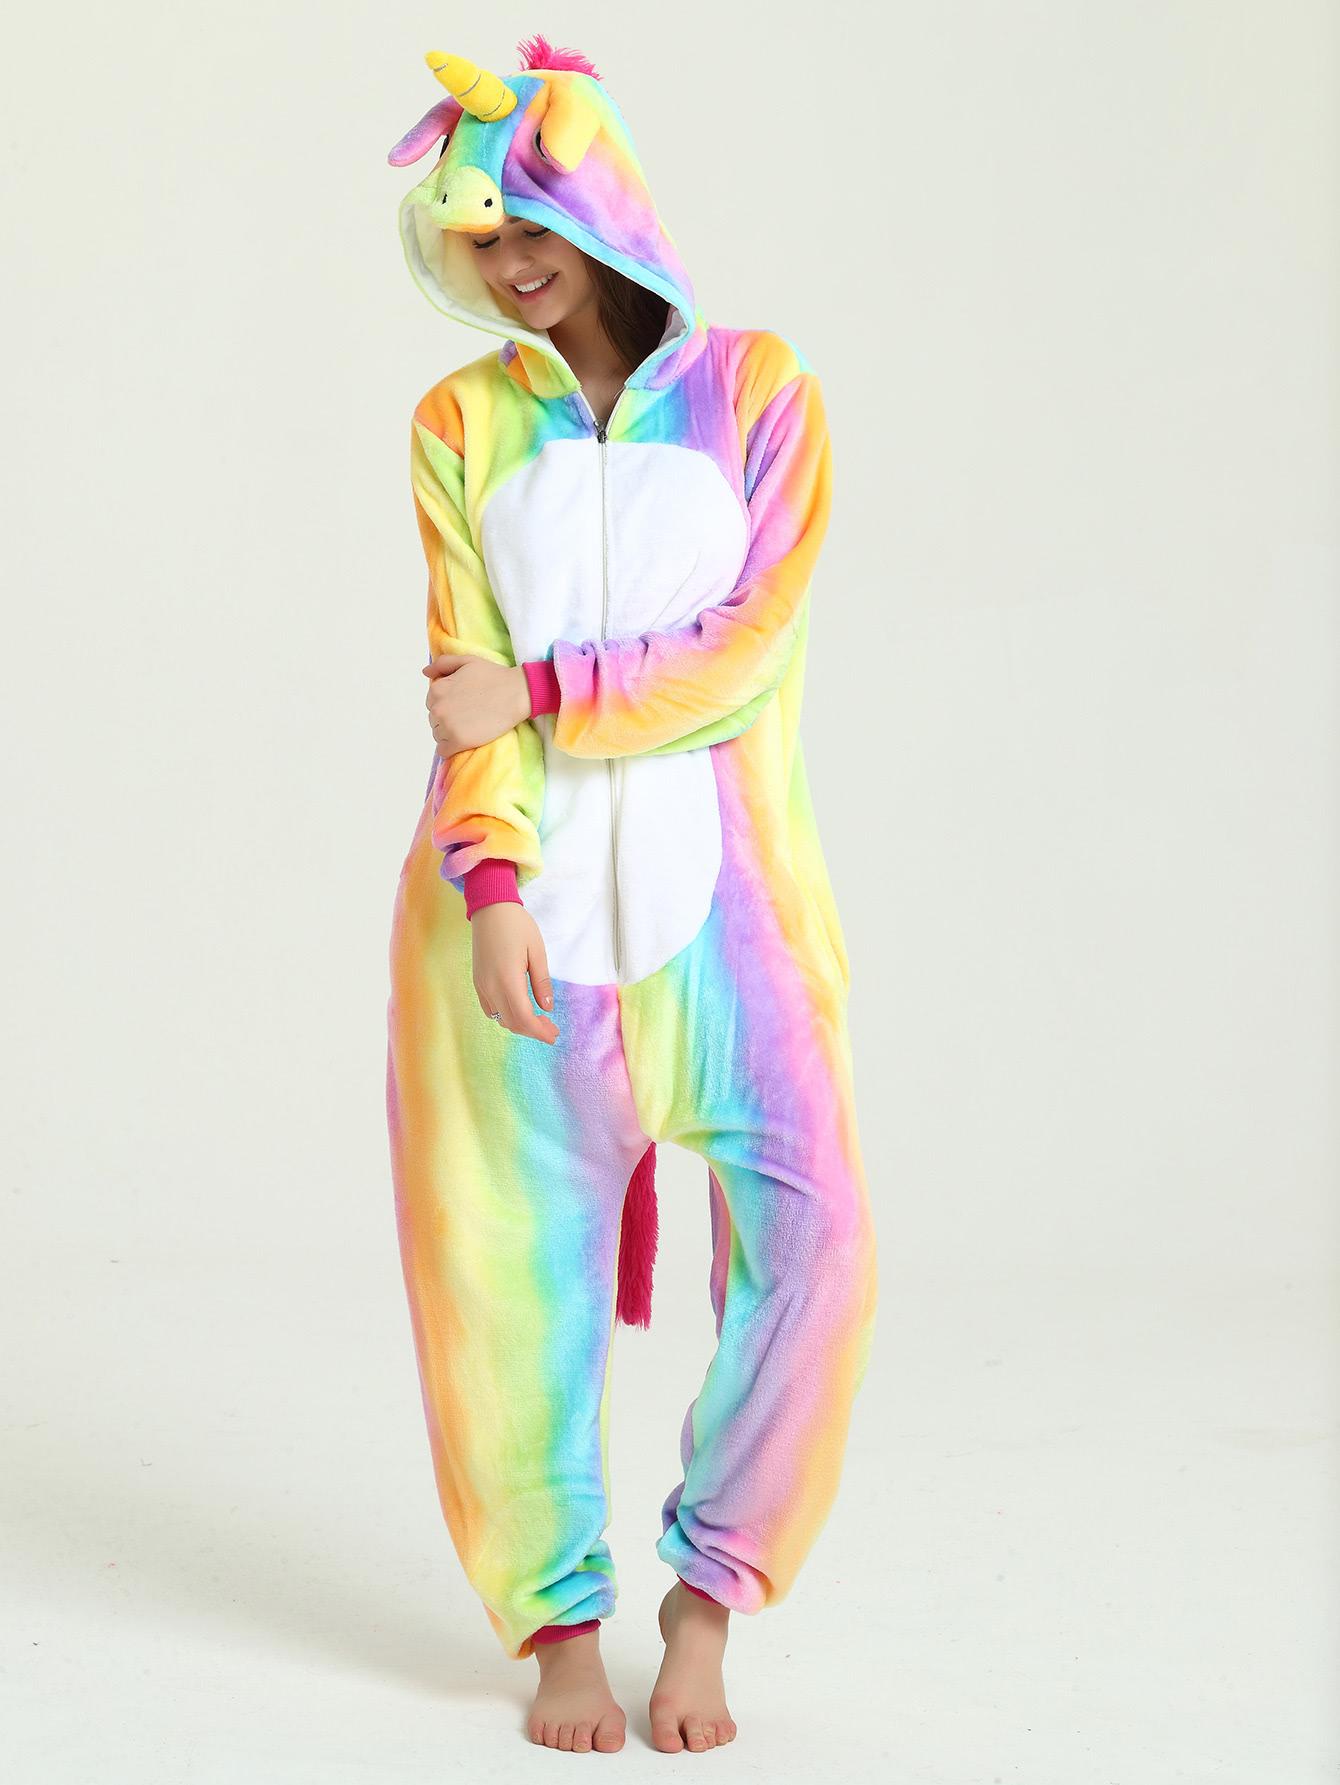 En liquidación Últimas tendencias mirada detallada O novo pijama do unicórnio que custa menos de quinze euros